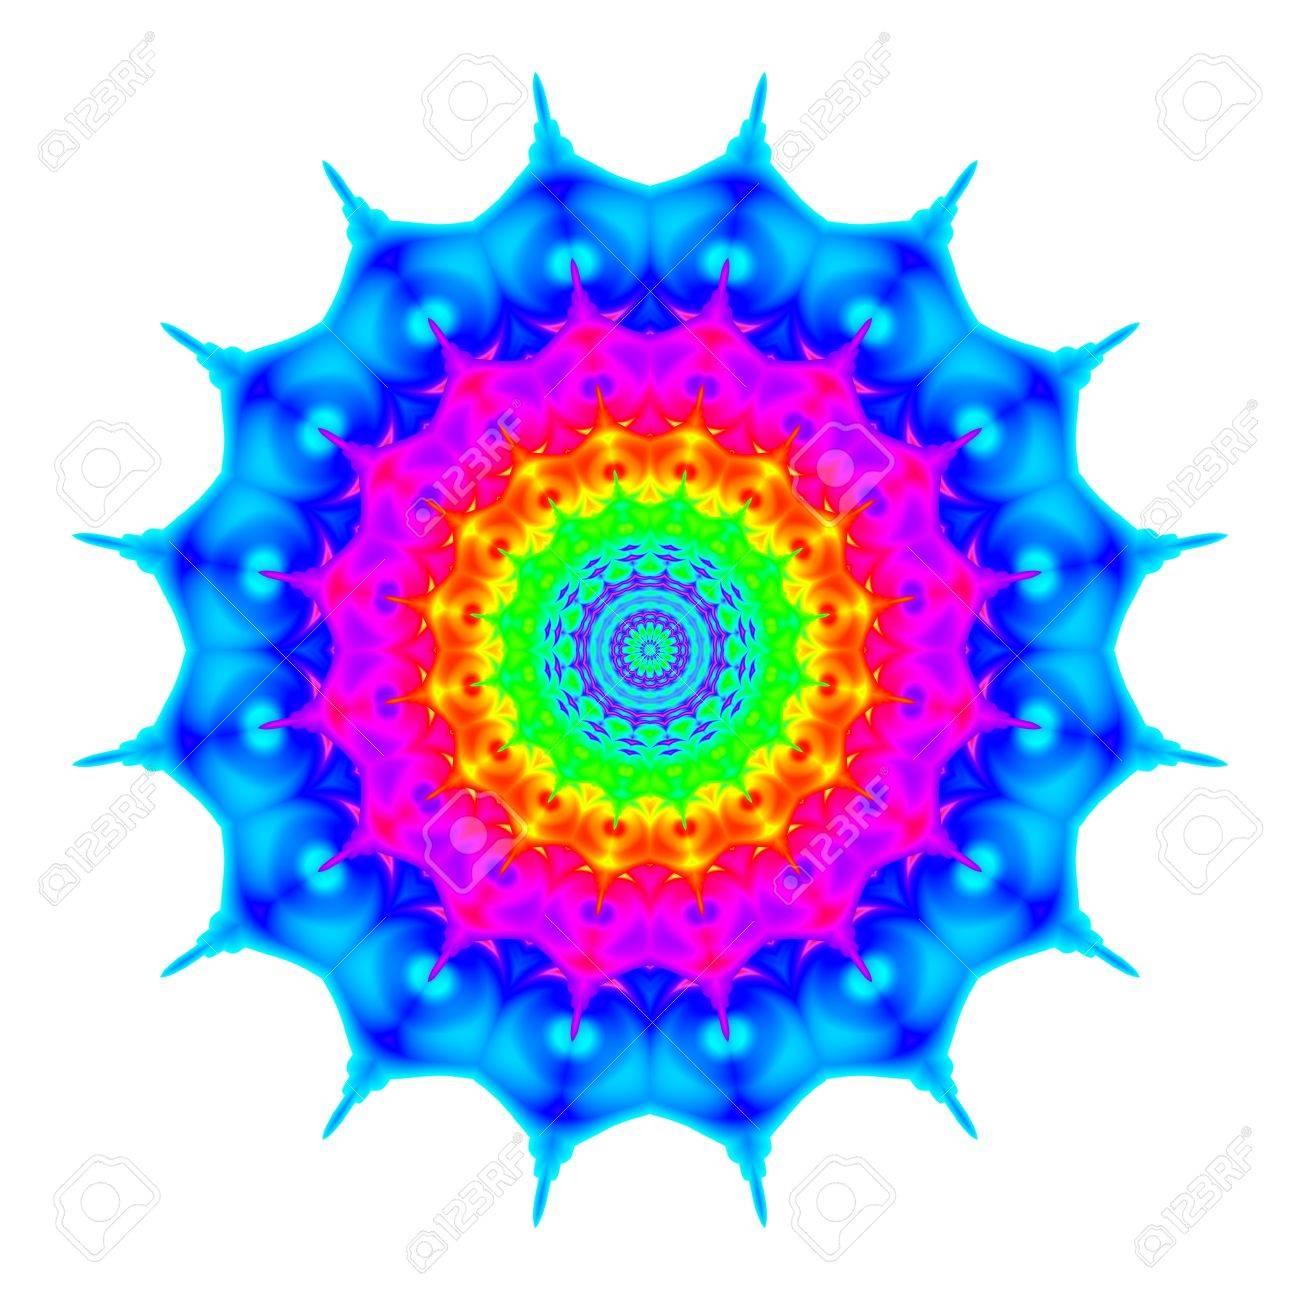 Zusammenfassung Mandala In Regenbogenfarben Blume Isoliert Auf